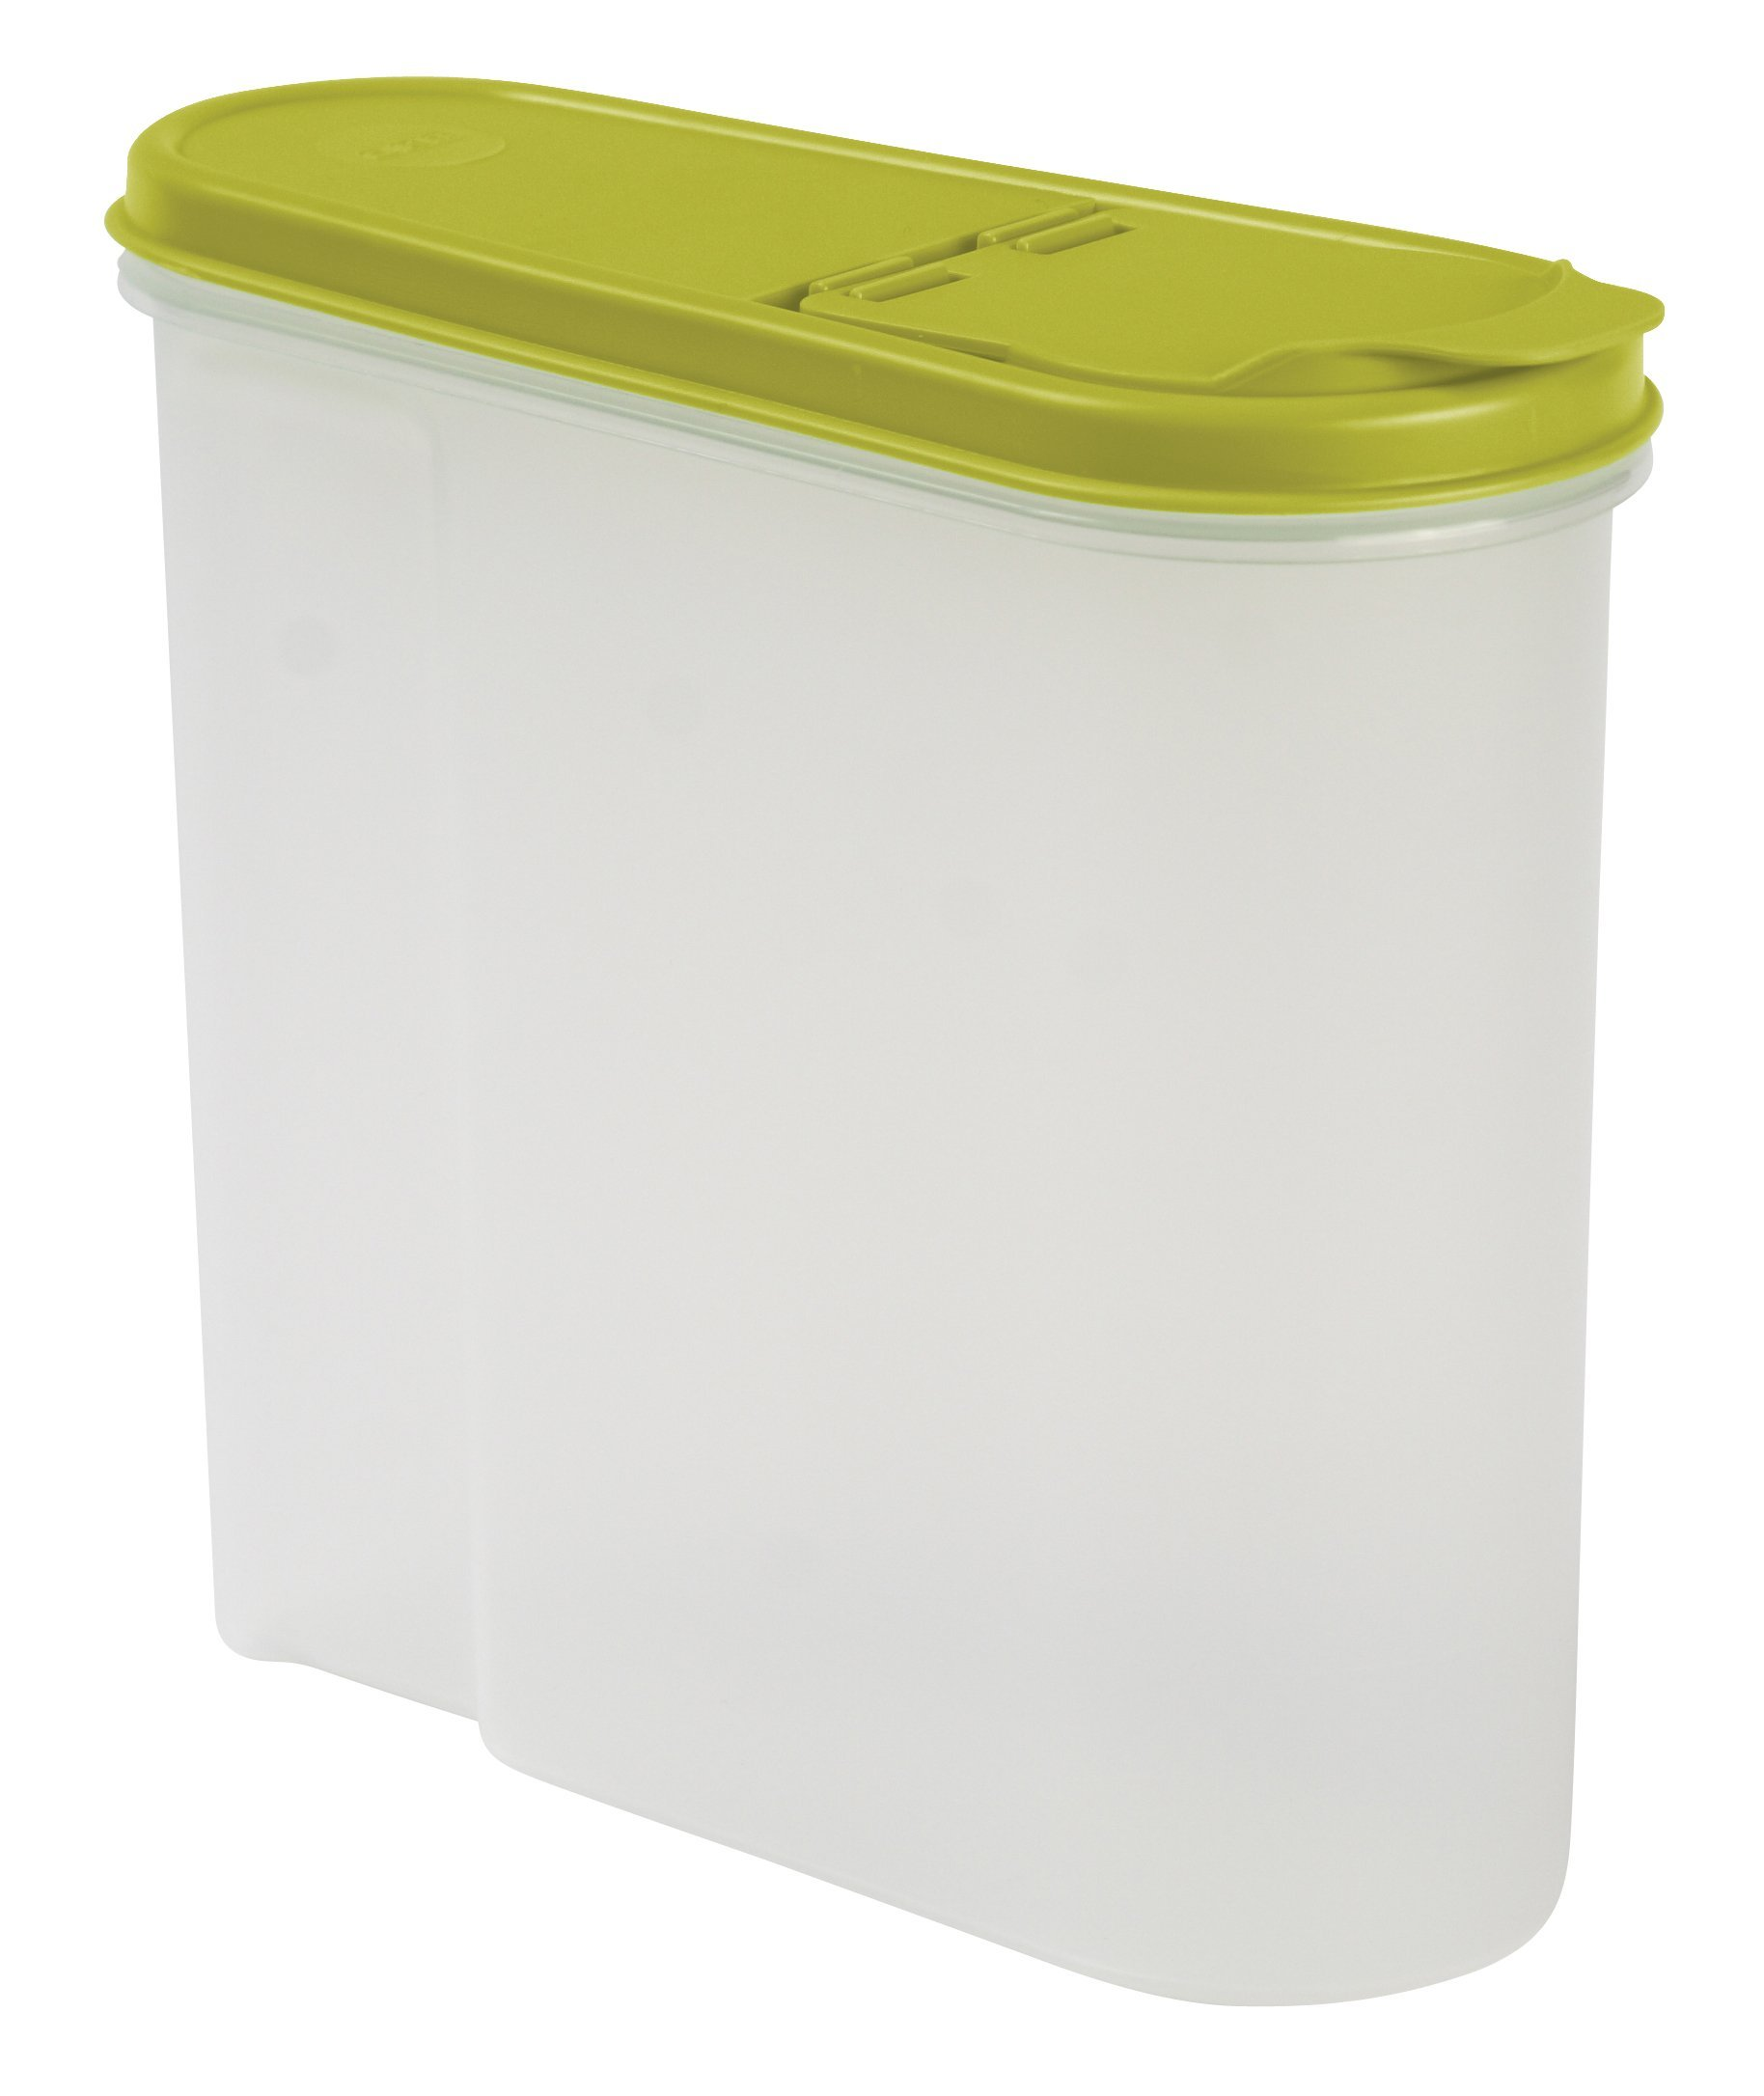 Keeeper Dóza na cereálie jean, zelená 1,25L